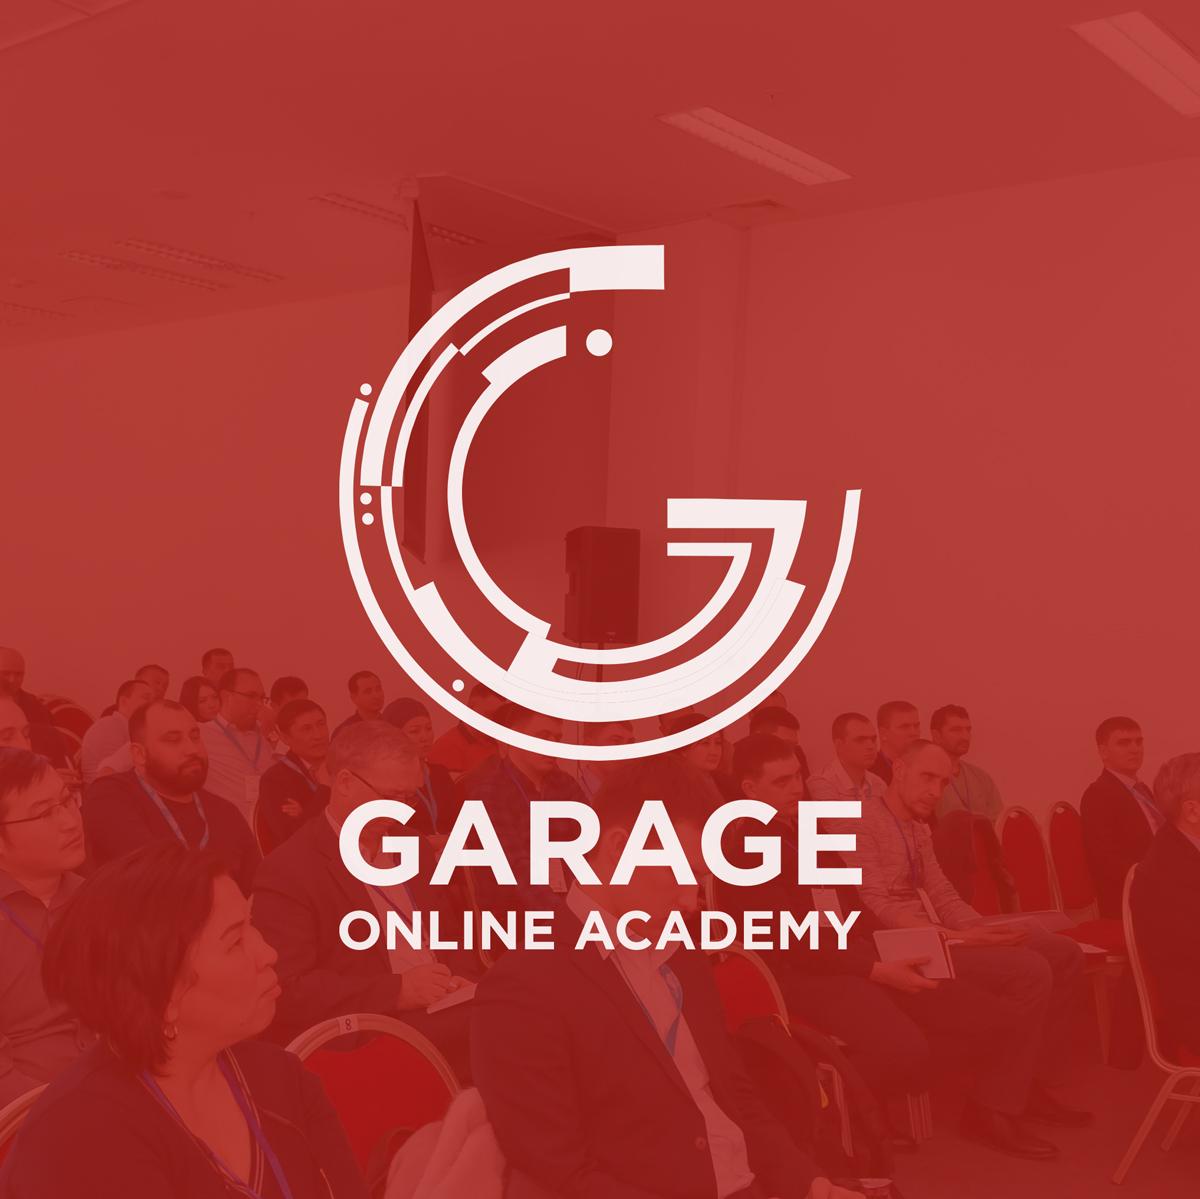 GARAGE ONLINE ACADEMY - Международный информационно-образовательный проект для владельцев и руководителей бизнеса в сфере обслуживания автомобилей.